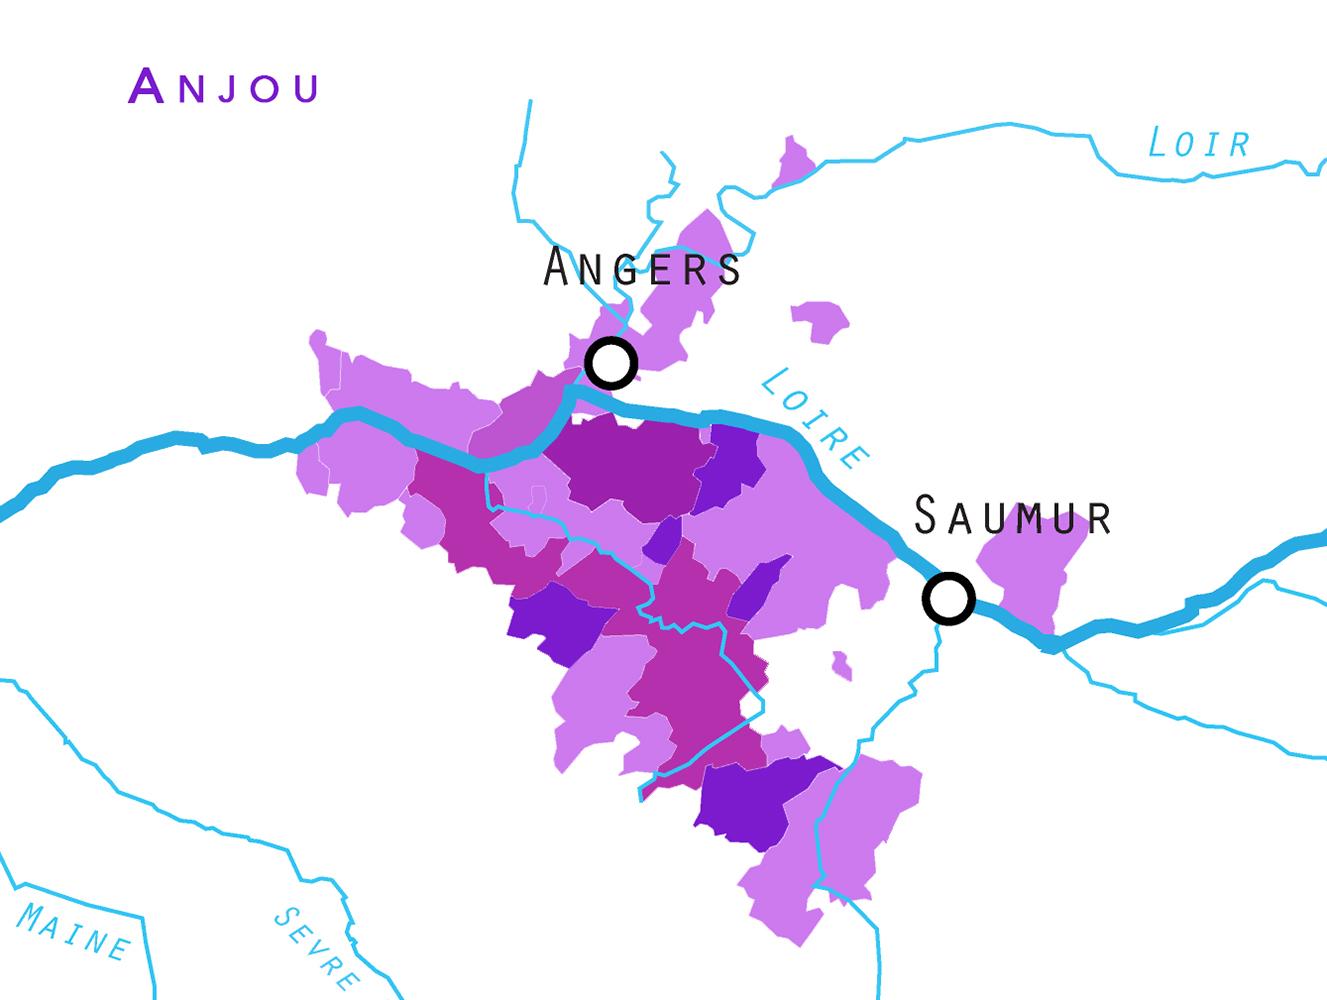 Anjou, Saumur, Savennieres, Wijnwerk, Loire wijnen, Loirewijn, wijnstreken, terroir, cepages, druiven, druiven ras, geologie, klimaat, AOC, Appelation